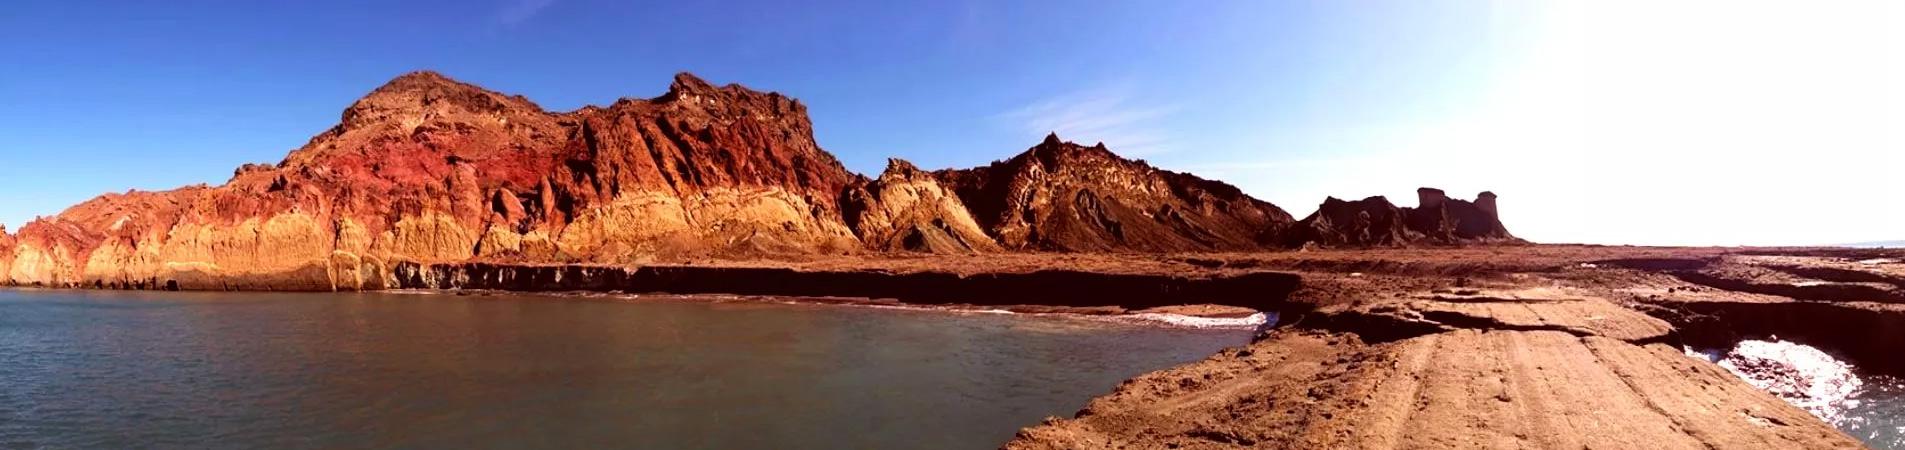 راهنمای سفر به هرمز ، جزیره رنگ و نور